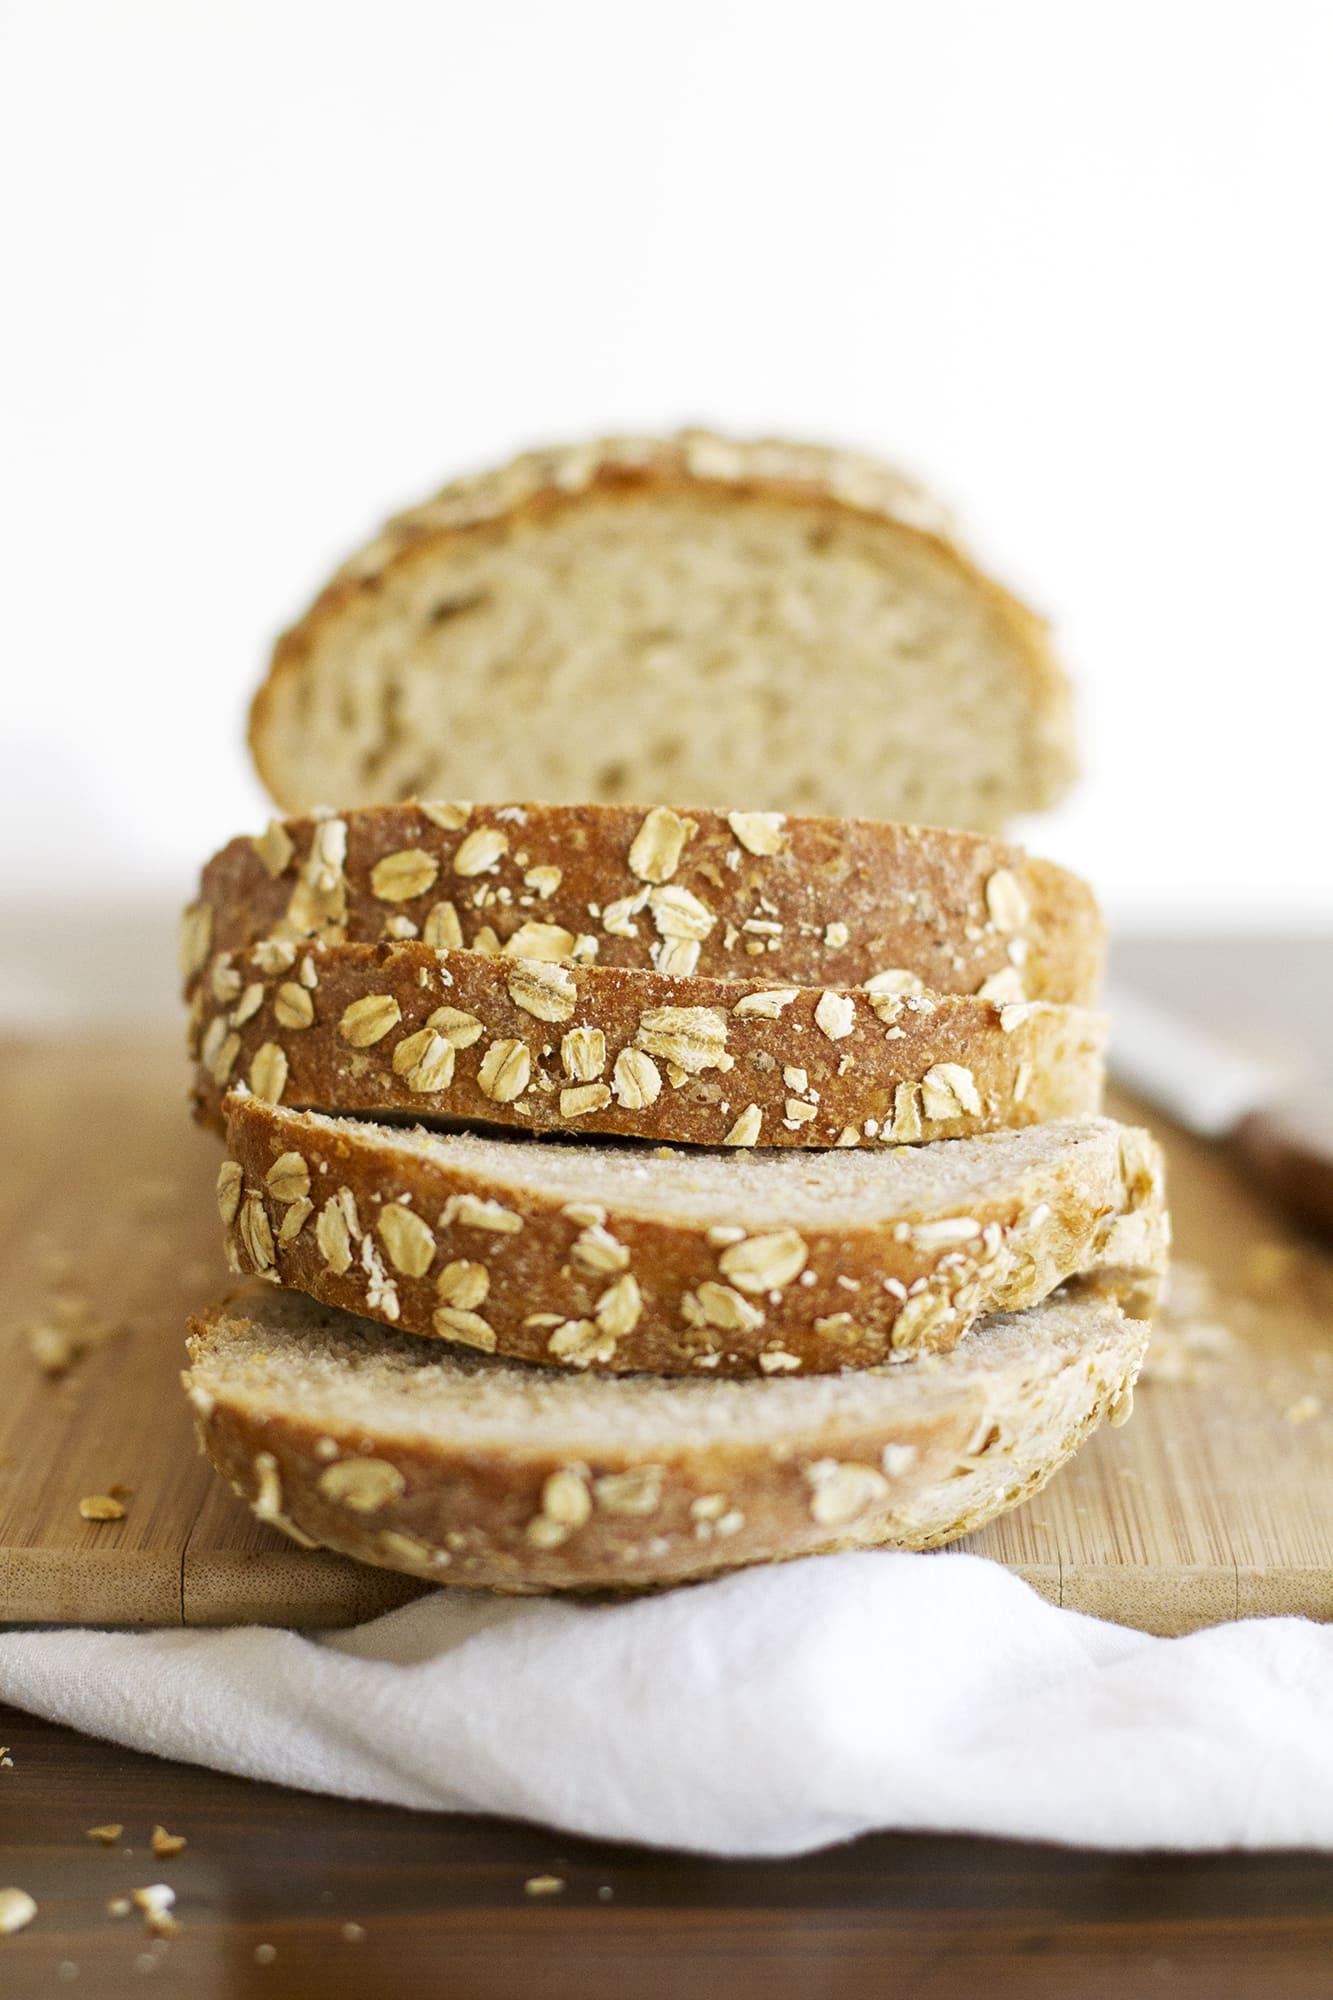 sliced loaf of multigrain sandwich bread